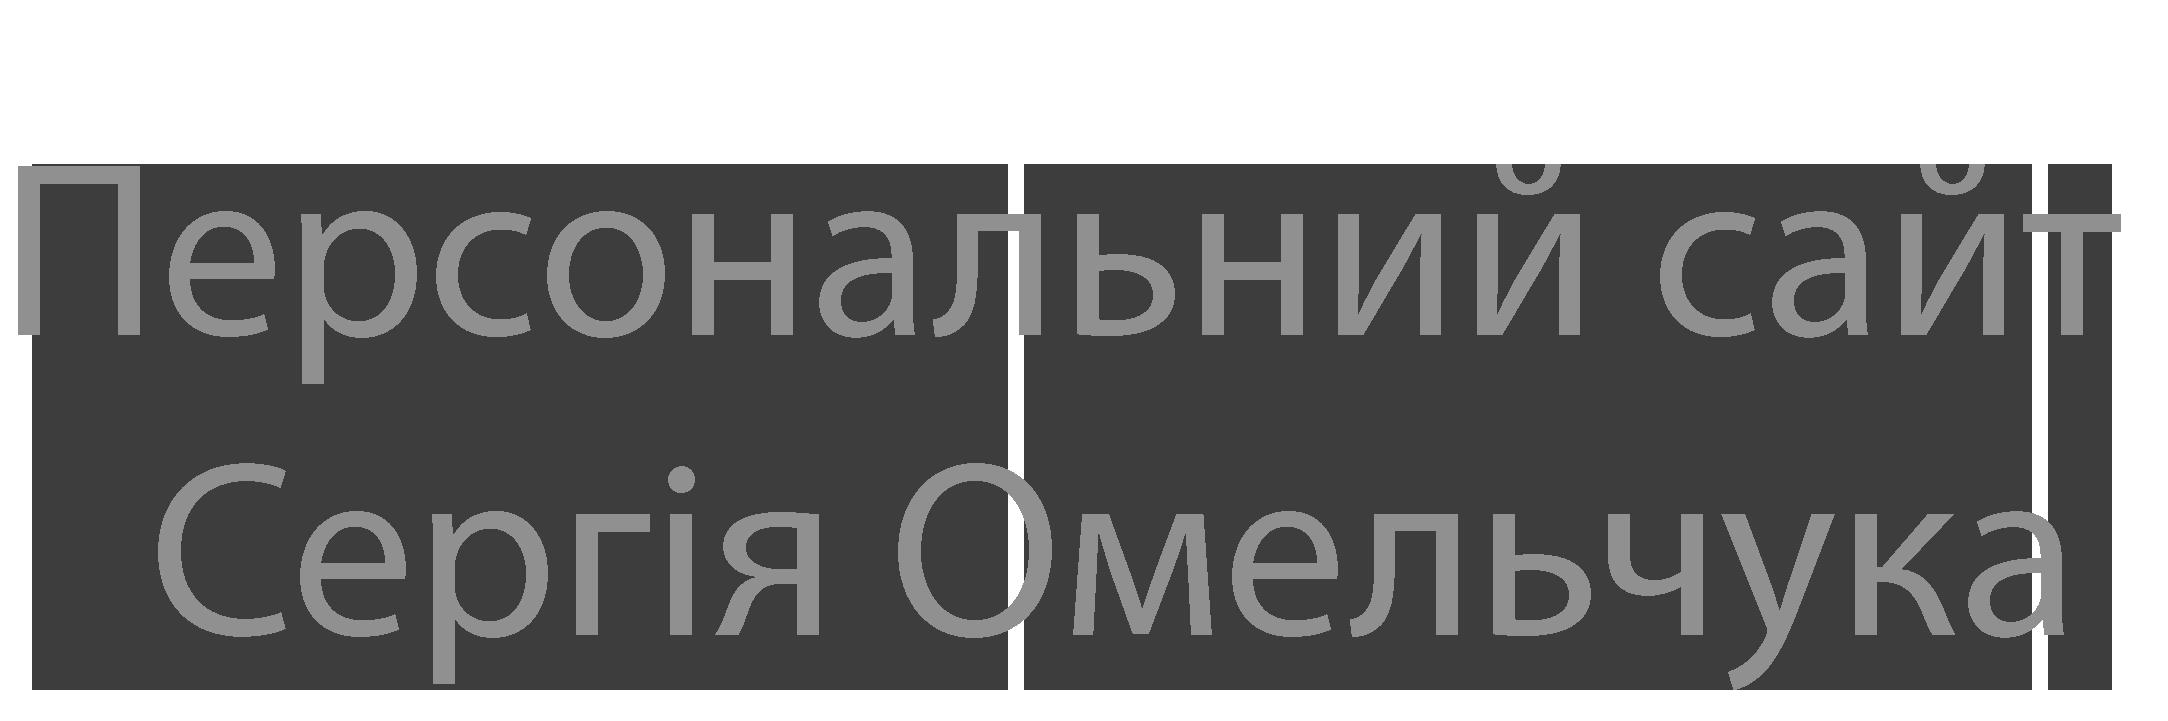 Персональний сайт Сергія Омельчука